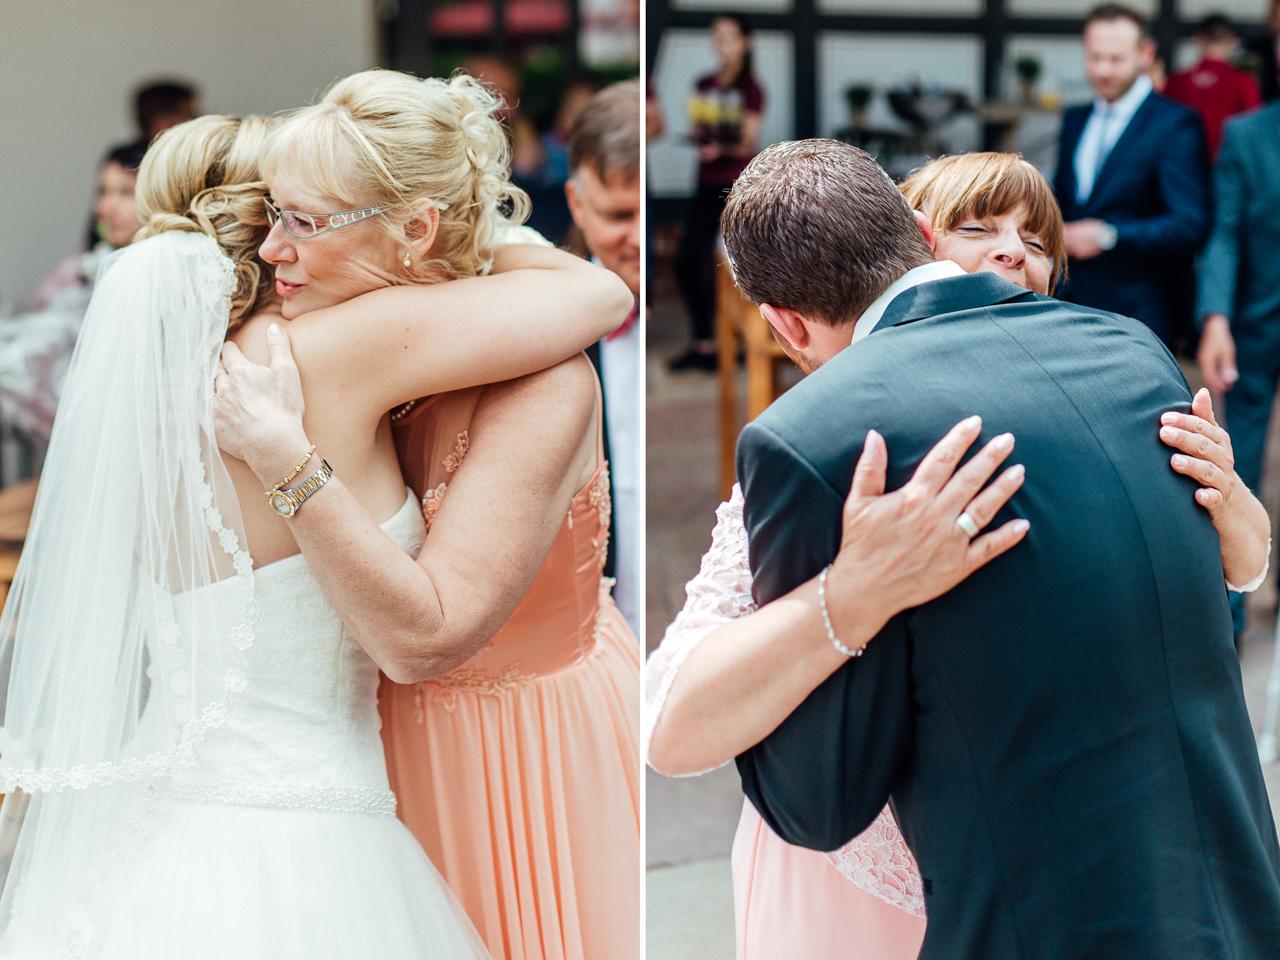 Hochzeit Eventscheune Dagobertshausen - Julia & Florian - Sandra Socha Fotografie - 45